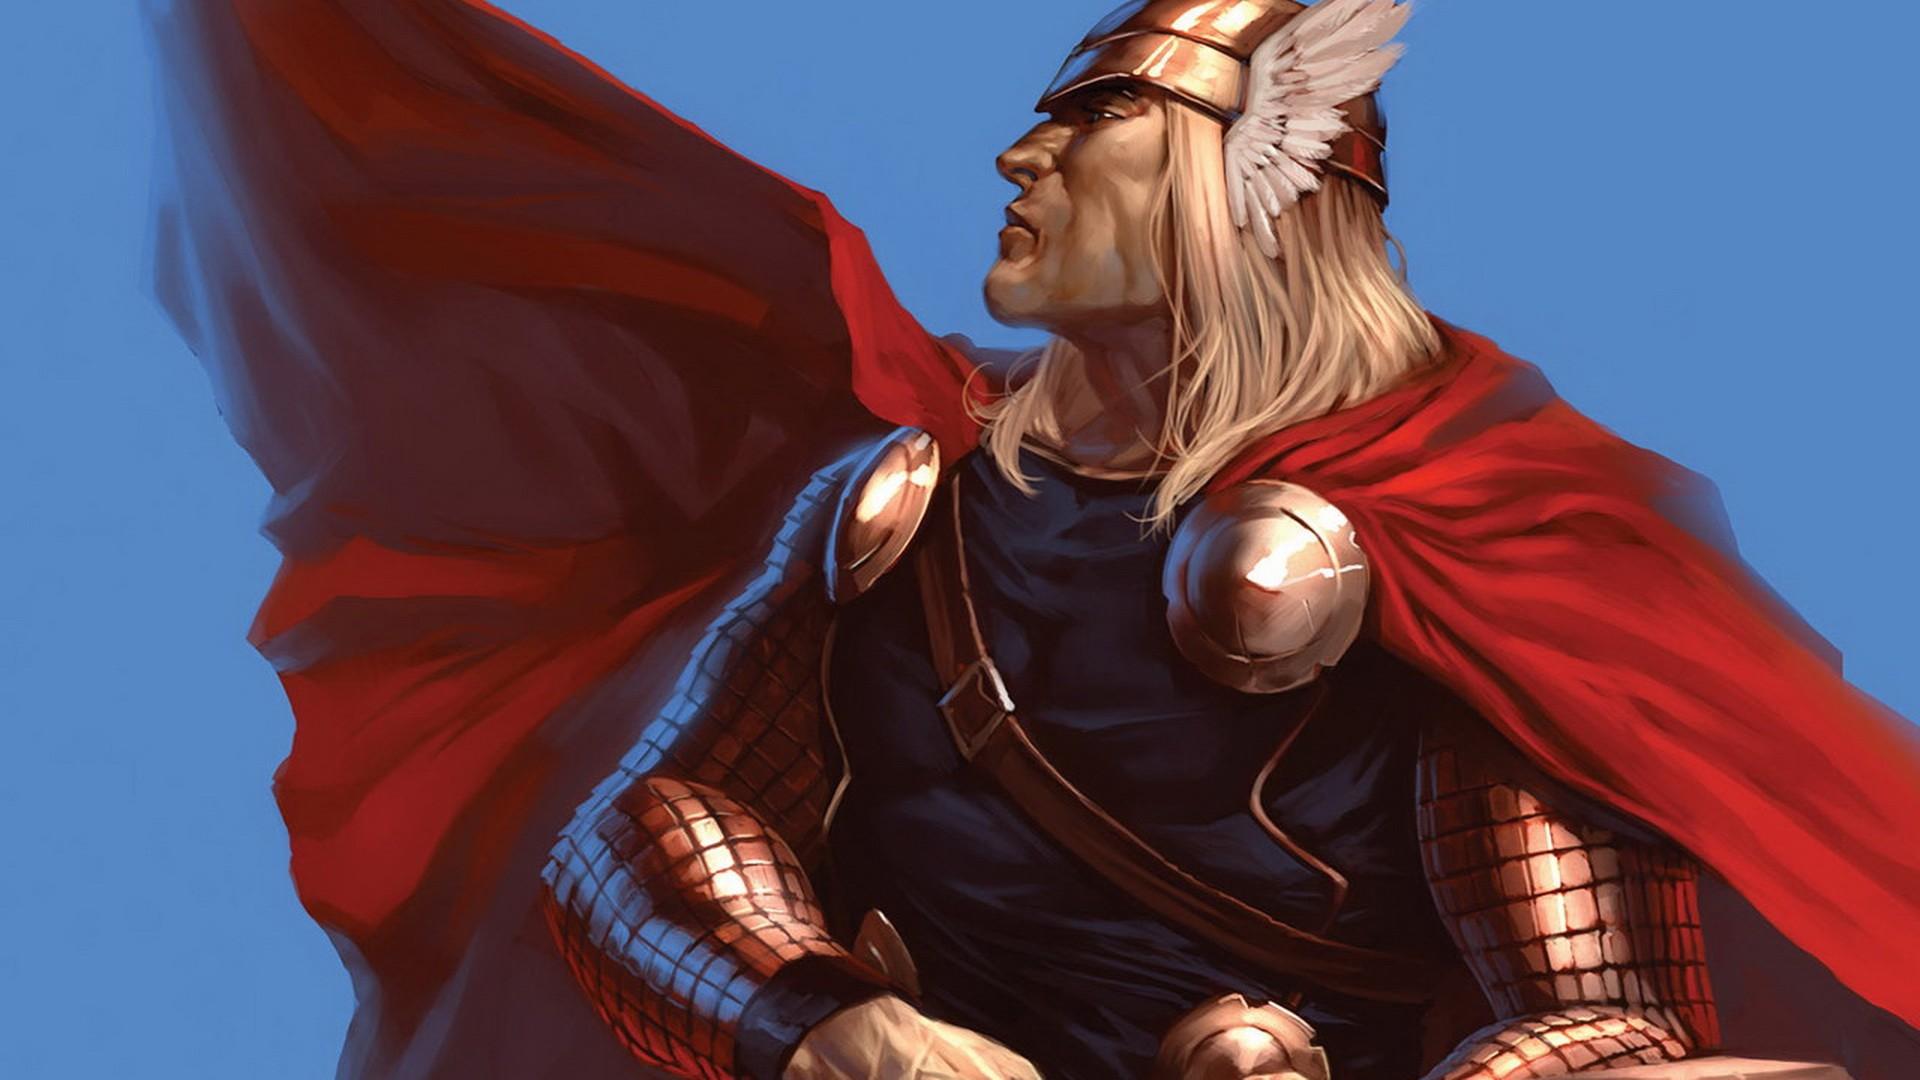 Simple Wallpaper Marvel Thor - VGRfvt  Graphic_452125.jpg